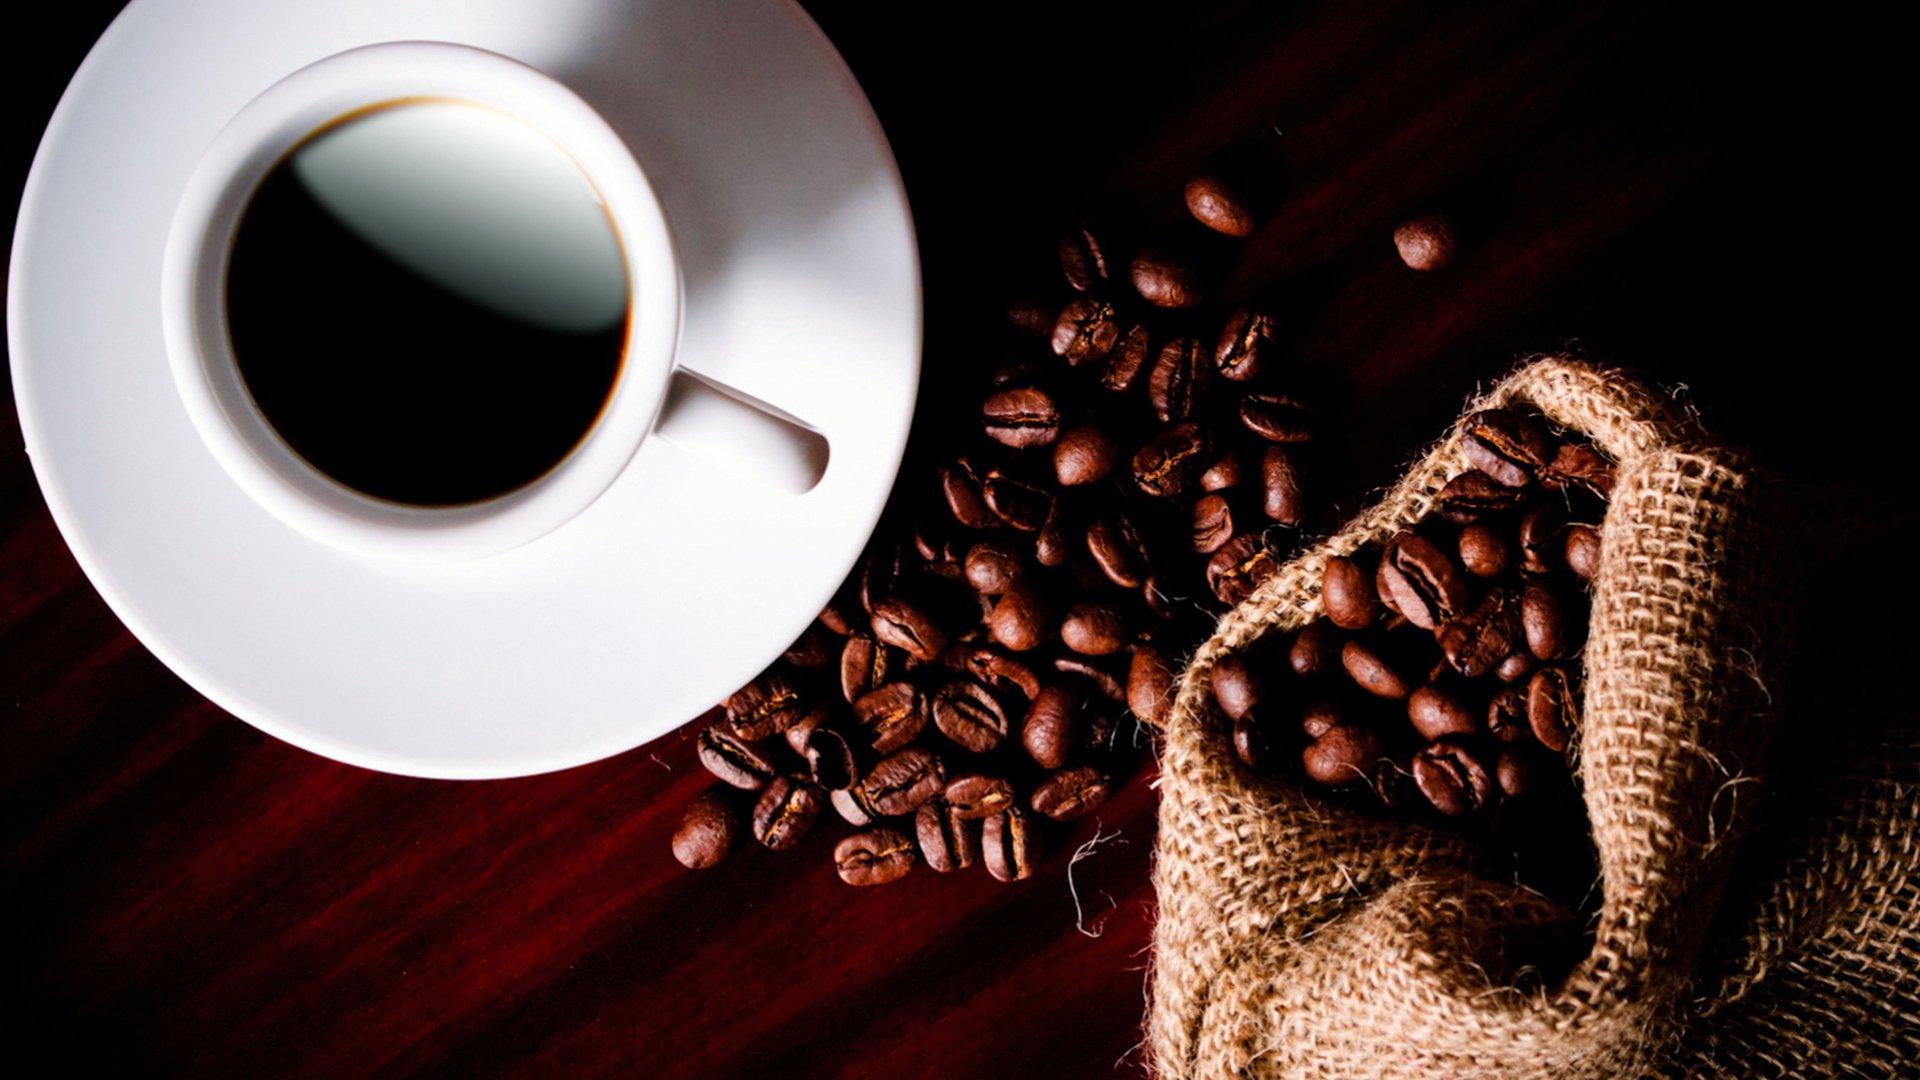 кофе чашка блюдце  № 2172552 загрузить